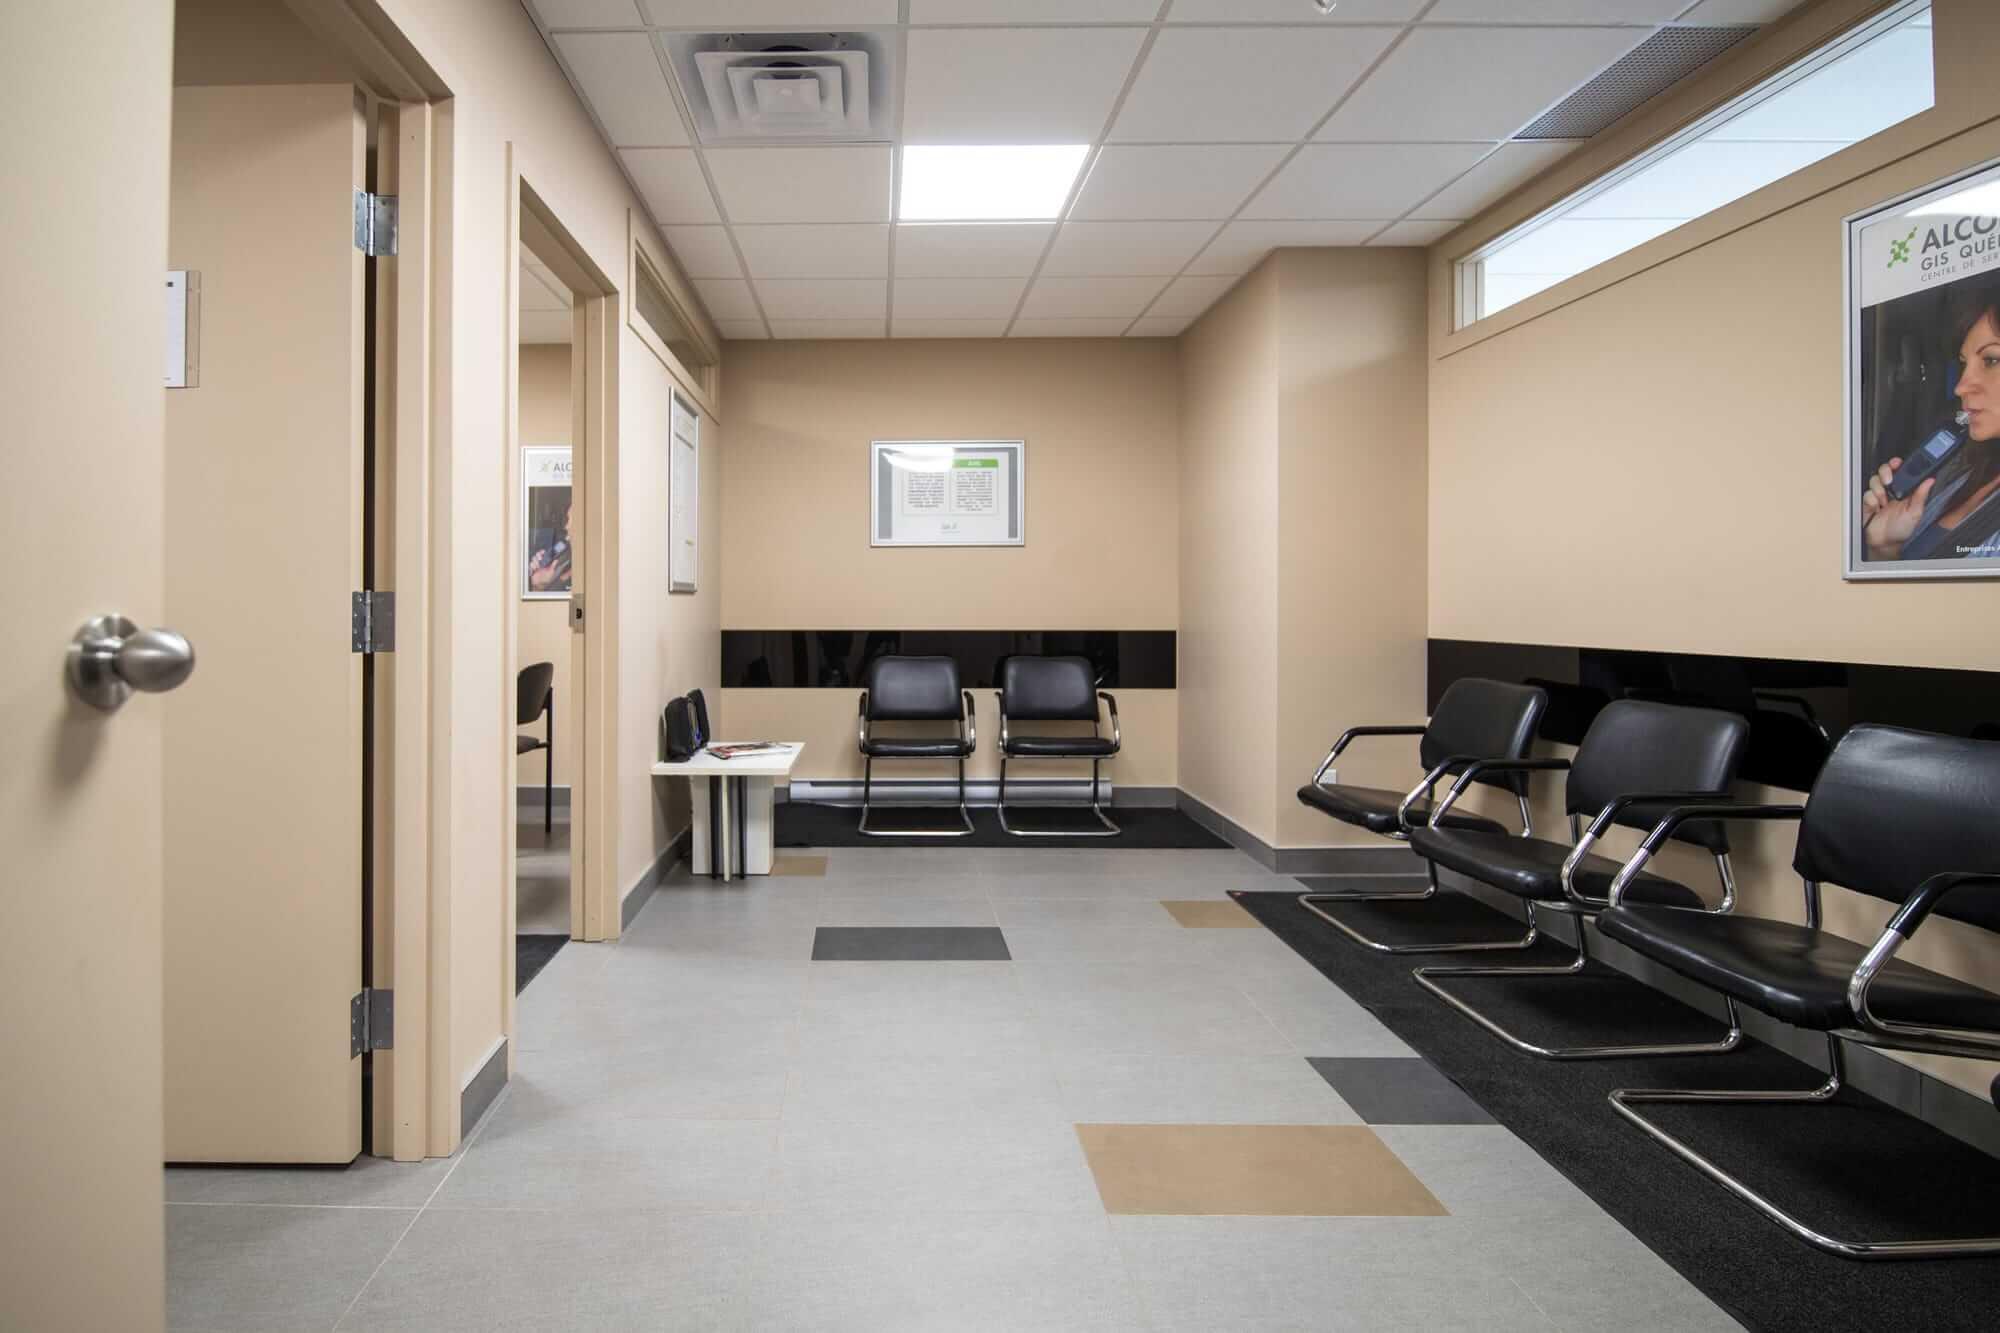 Aménagement de locaux - Vue sur salle d'attente avec chaises noires et murs beiges